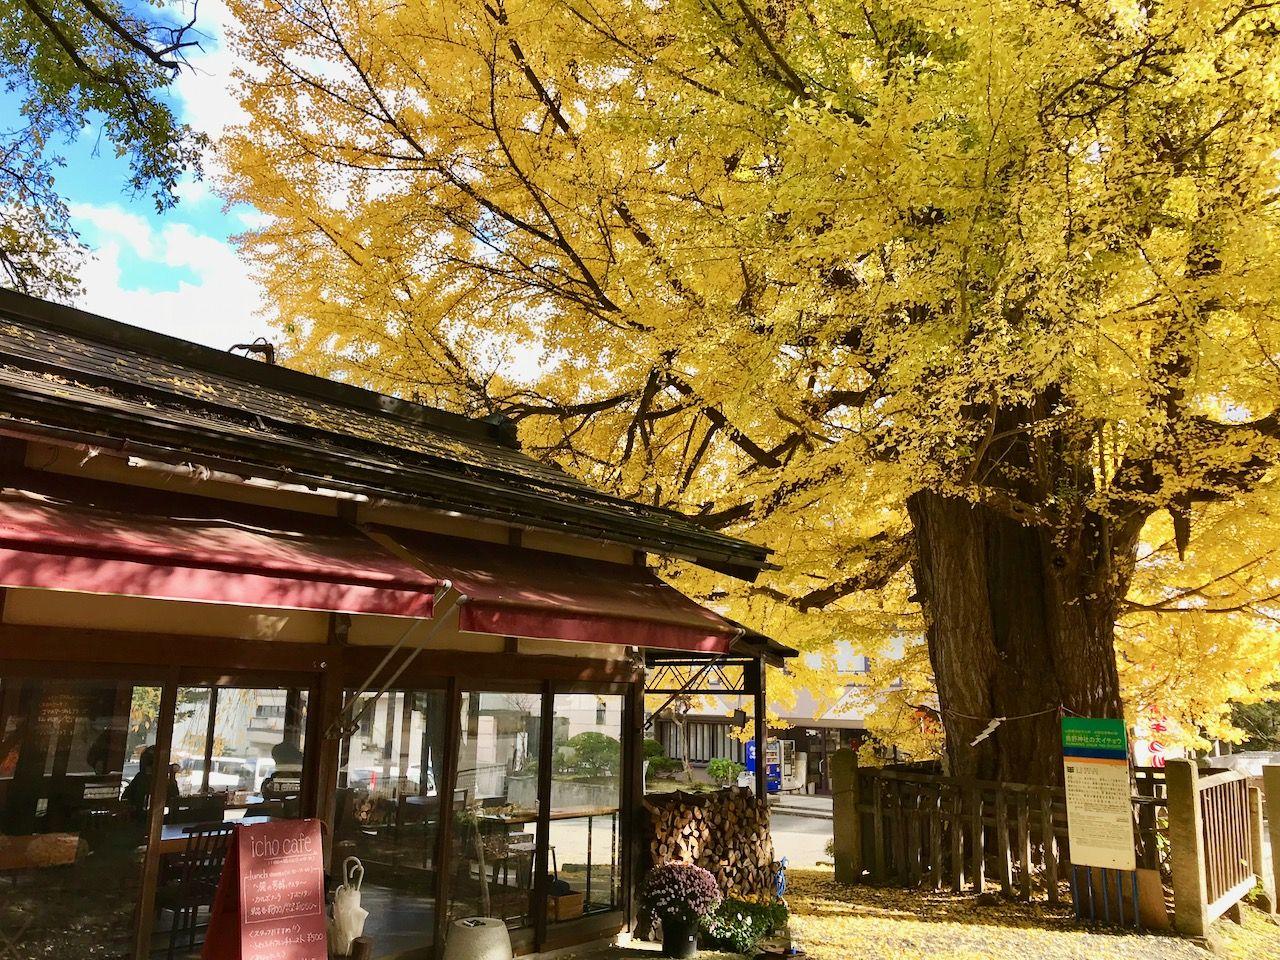 熊野大社のお参りと併せて訪れたいナチュラルカフェ